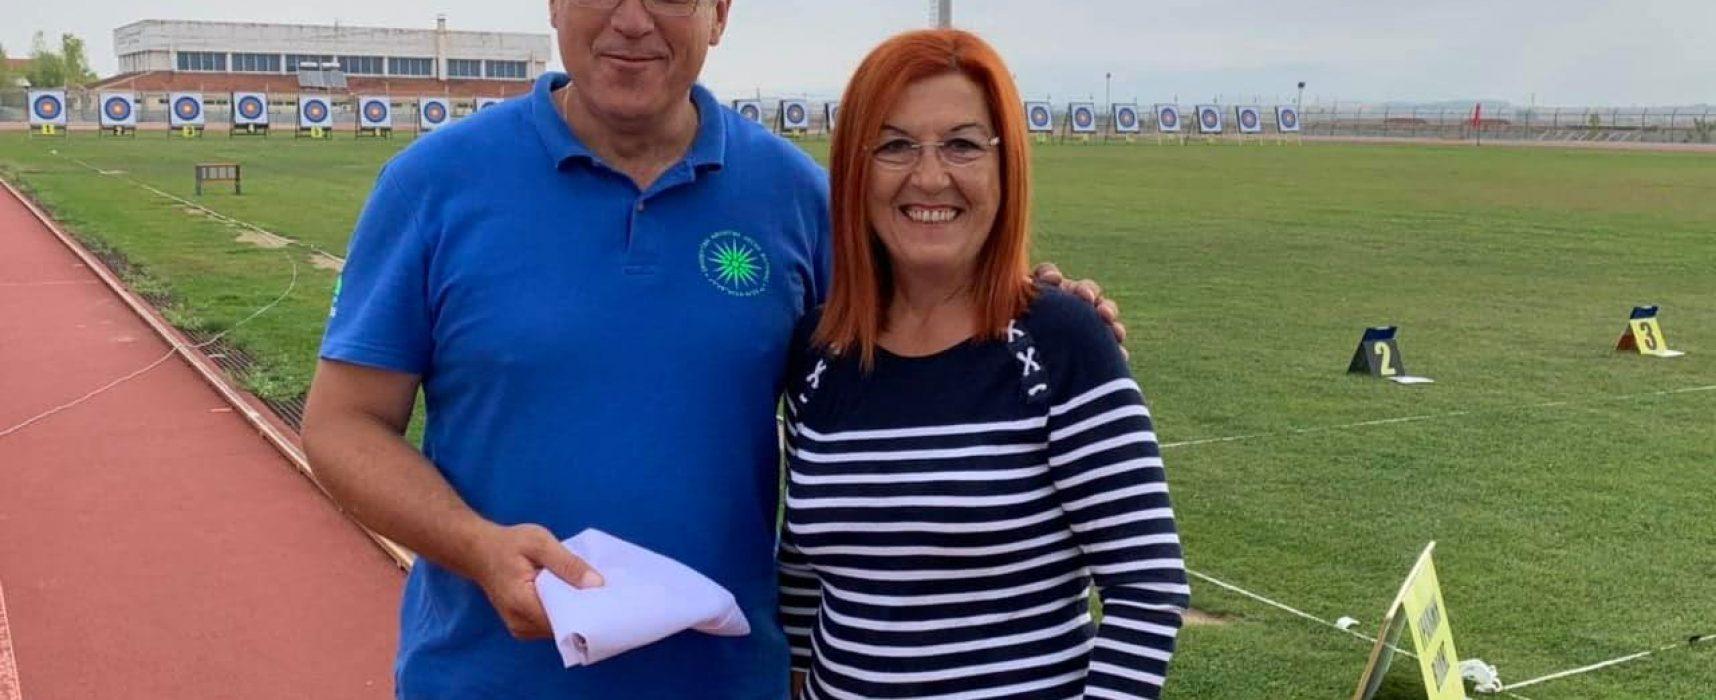 Η ΕΟΤ τίμησε τη Σκοπευτική Αθλητική Λέσχη Φλώρινας